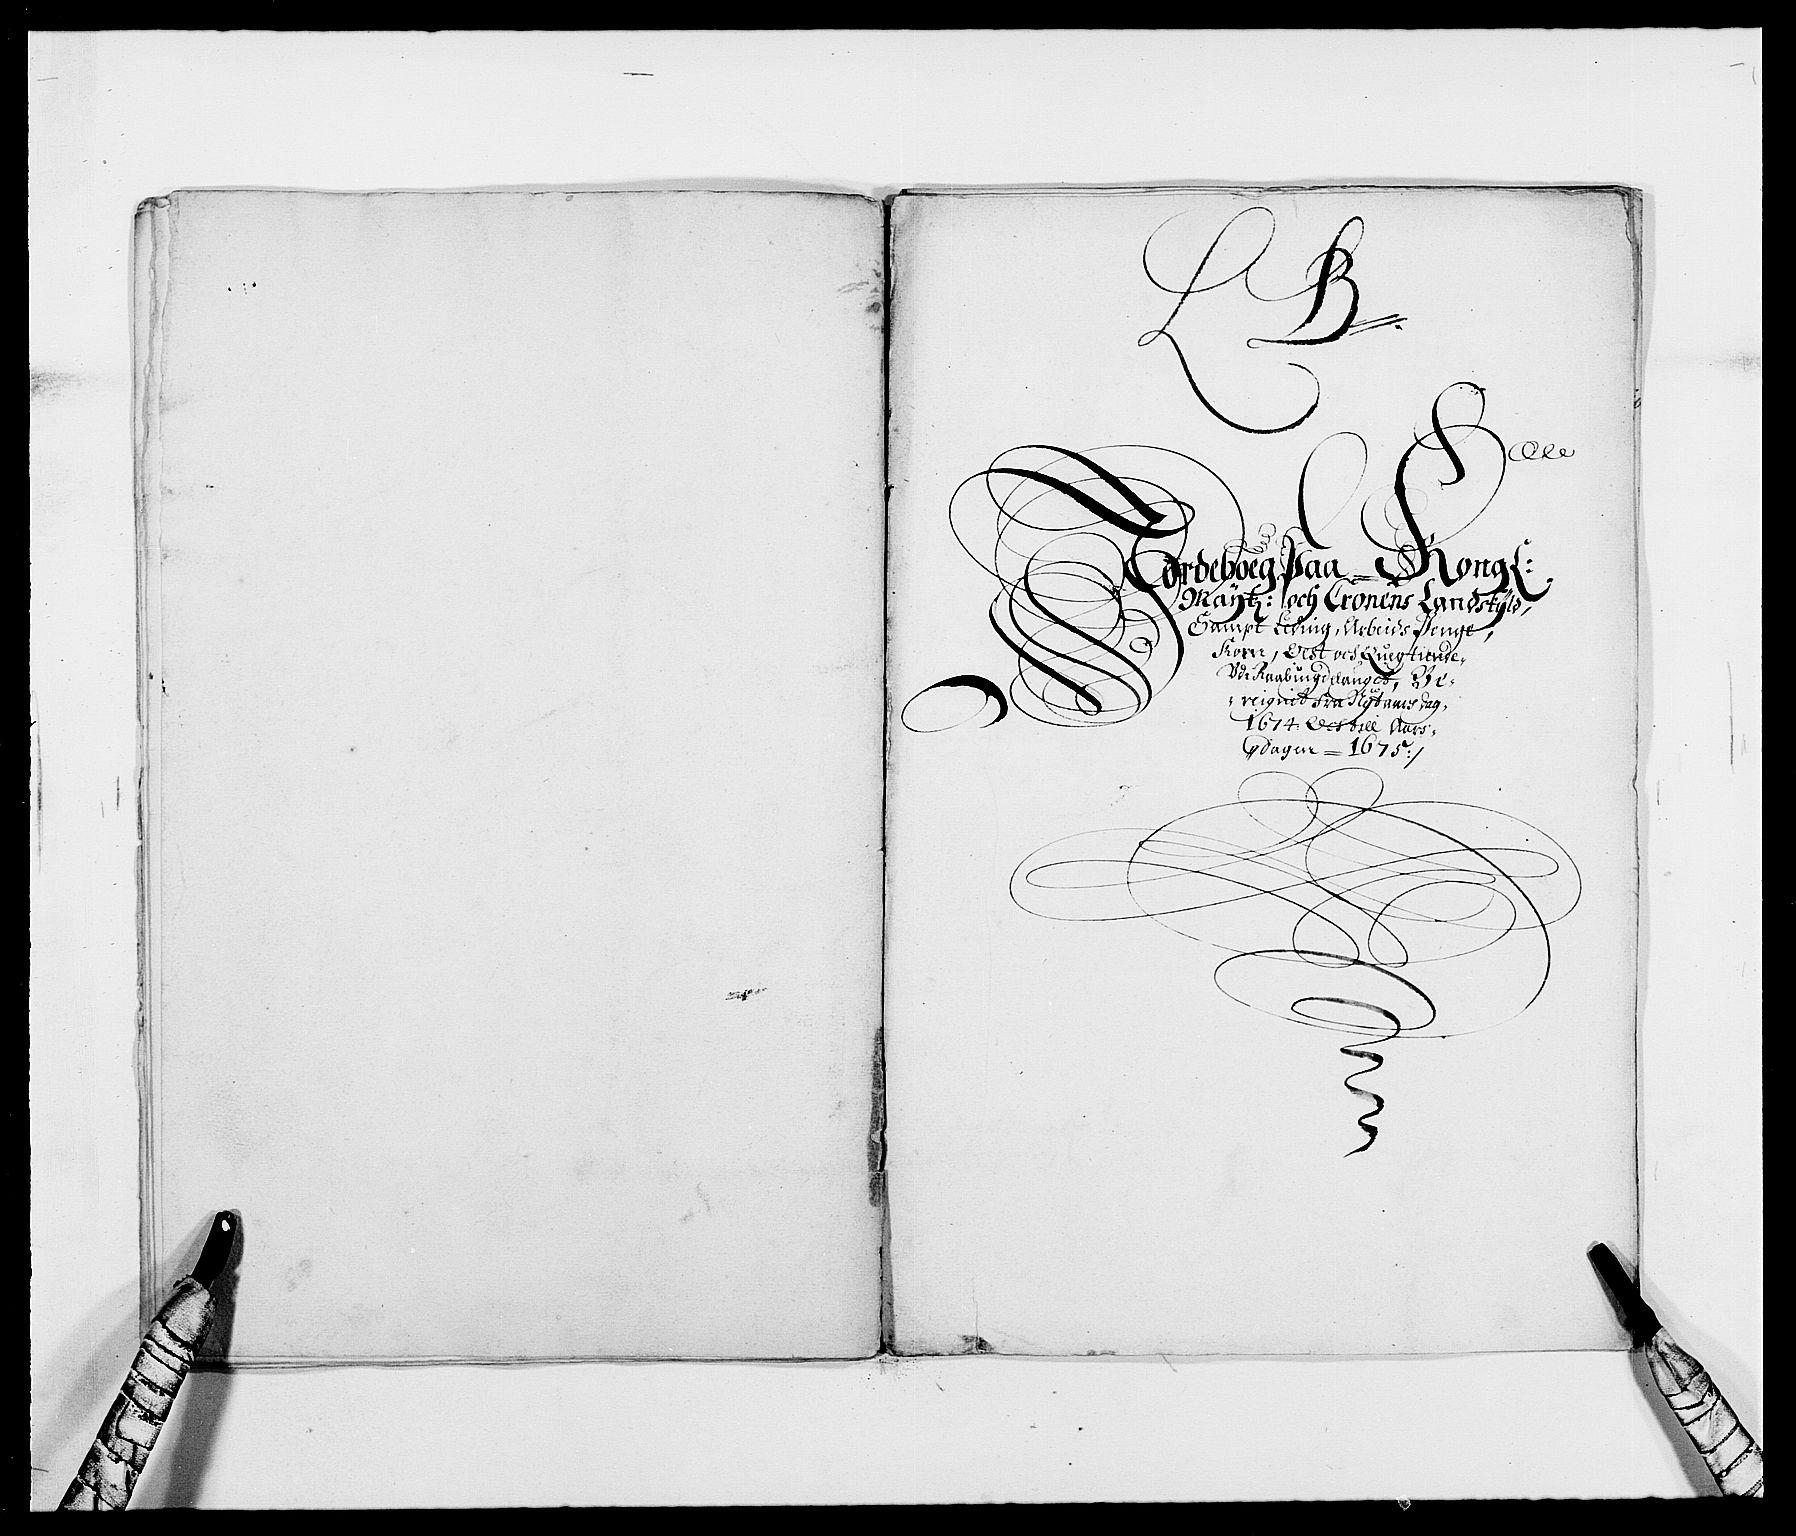 RA, Rentekammeret inntil 1814, Reviderte regnskaper, Fogderegnskap, R40/L2433: Fogderegnskap Råbyggelag, 1671-1674, s. 257